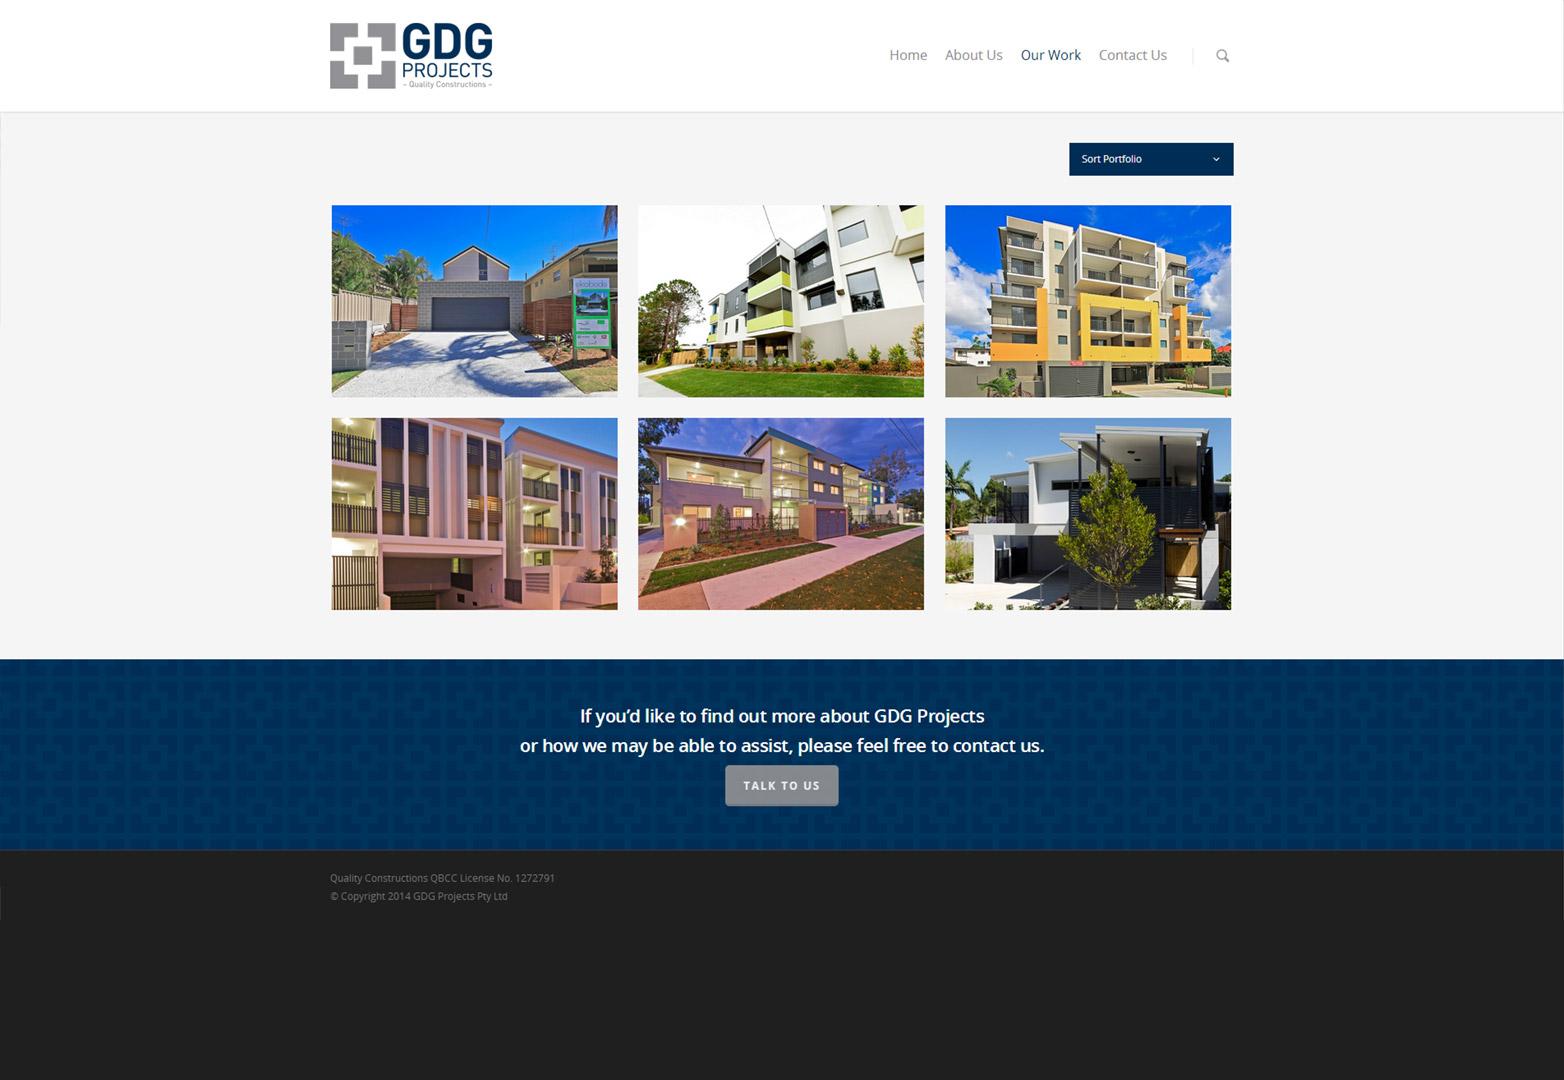 webdesign_gdg02